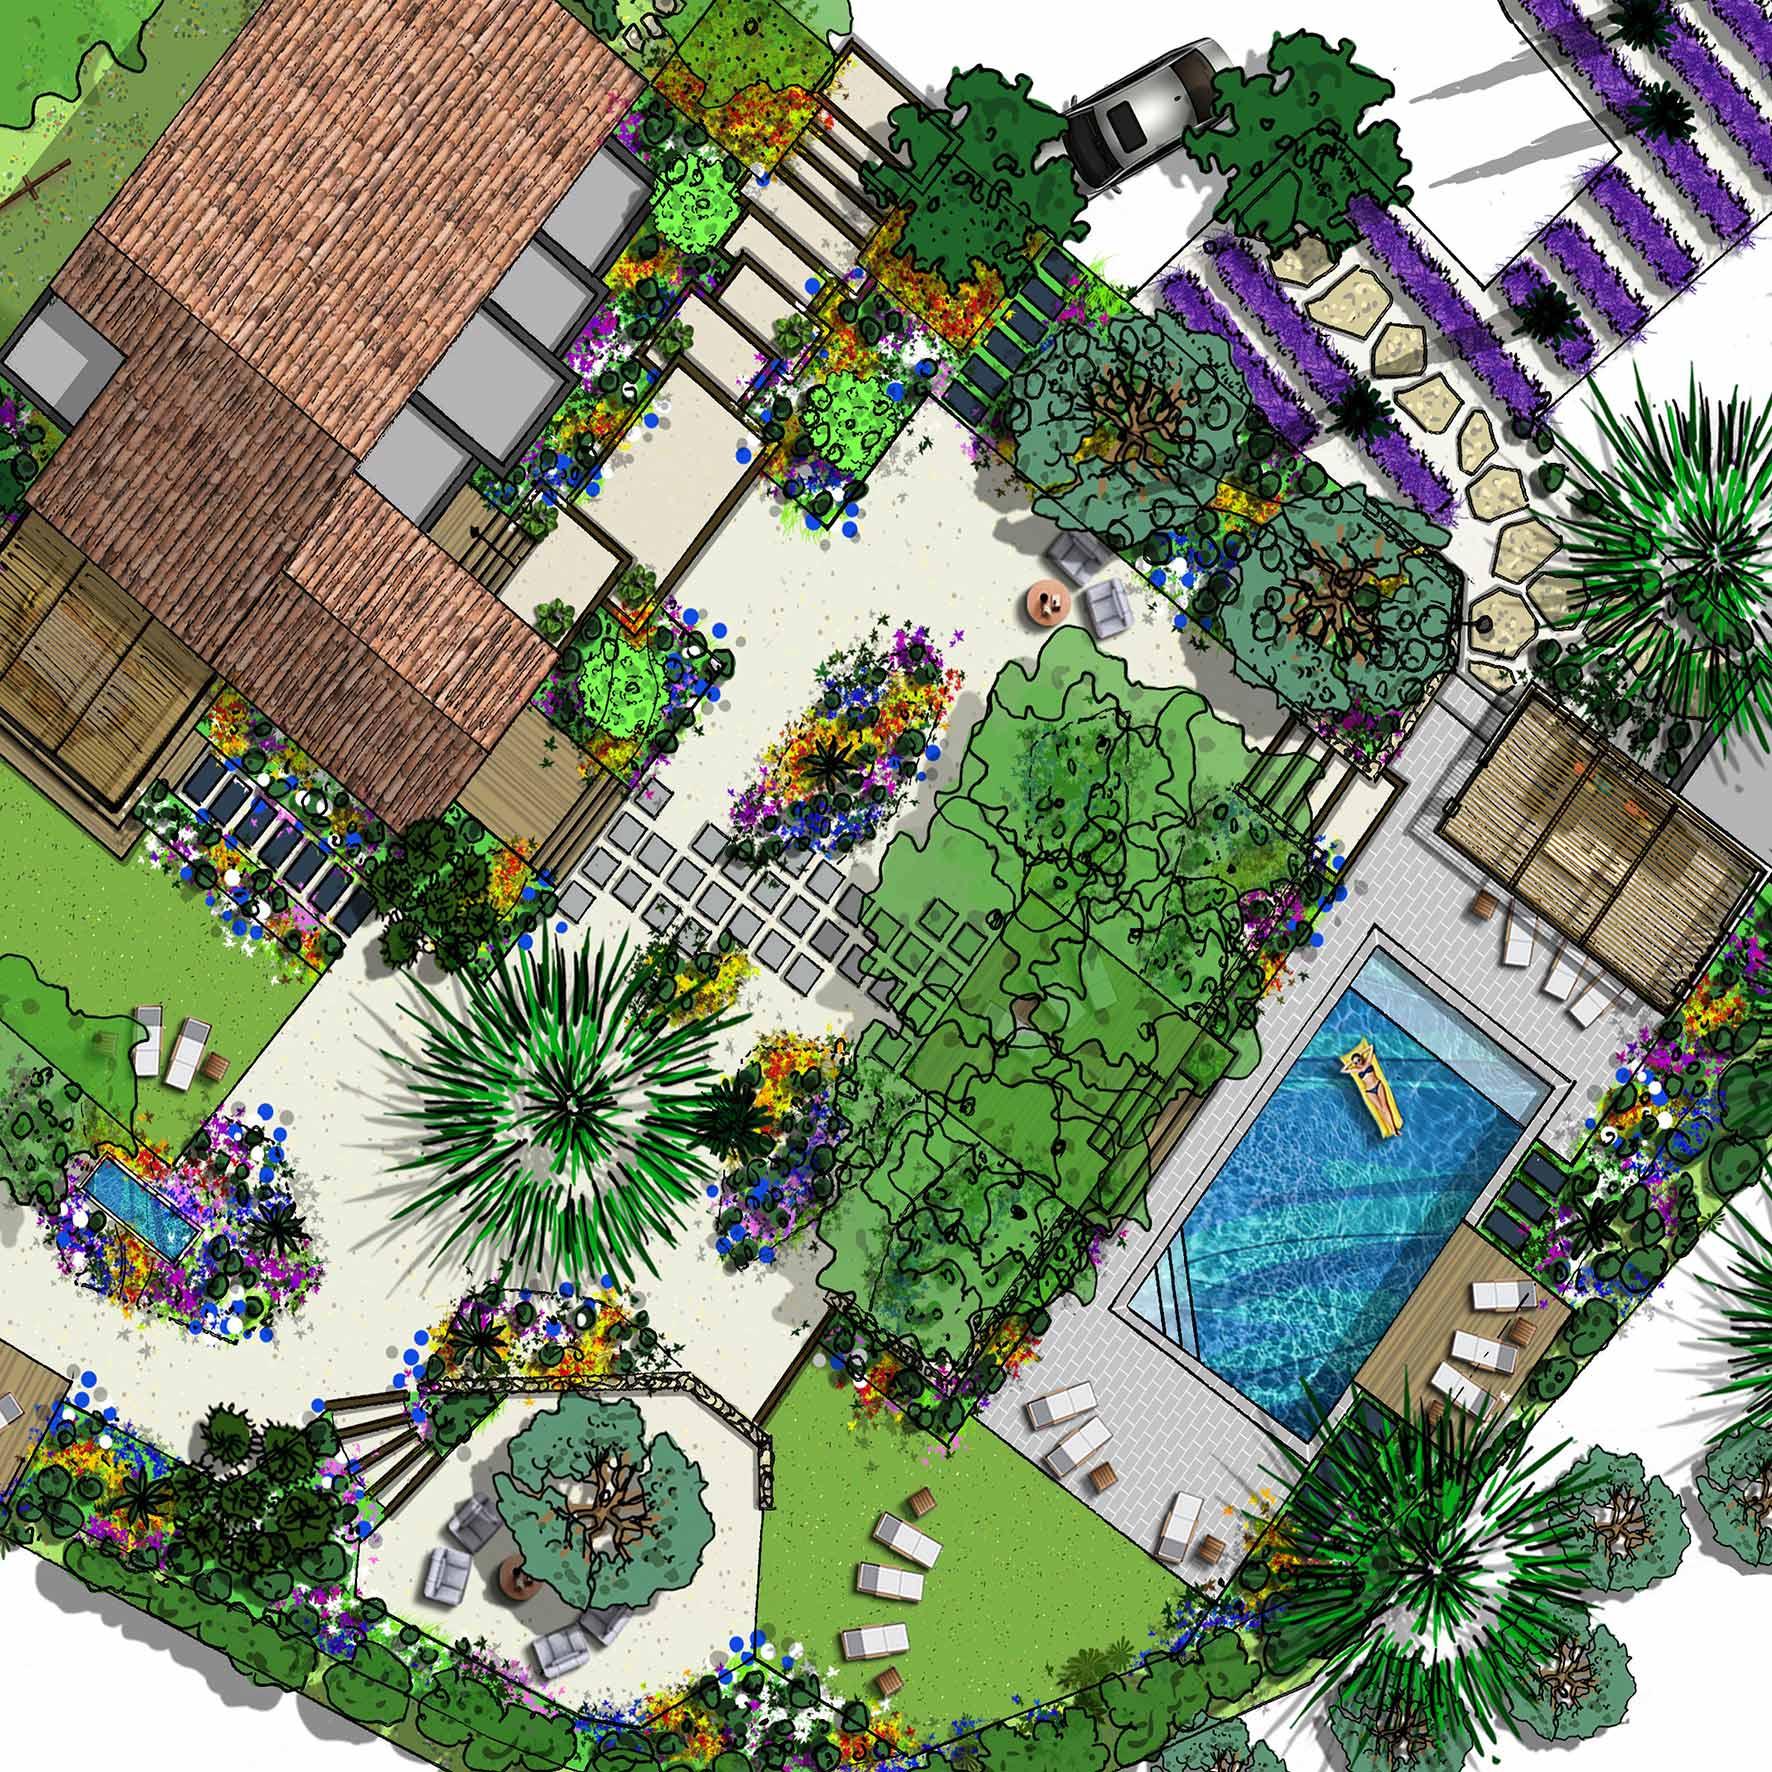 Atelier Naudier - Architecte paysagiste concepteur - Montpellier & Aix en Provence - Jardin méditerranéen - aménagement jardin